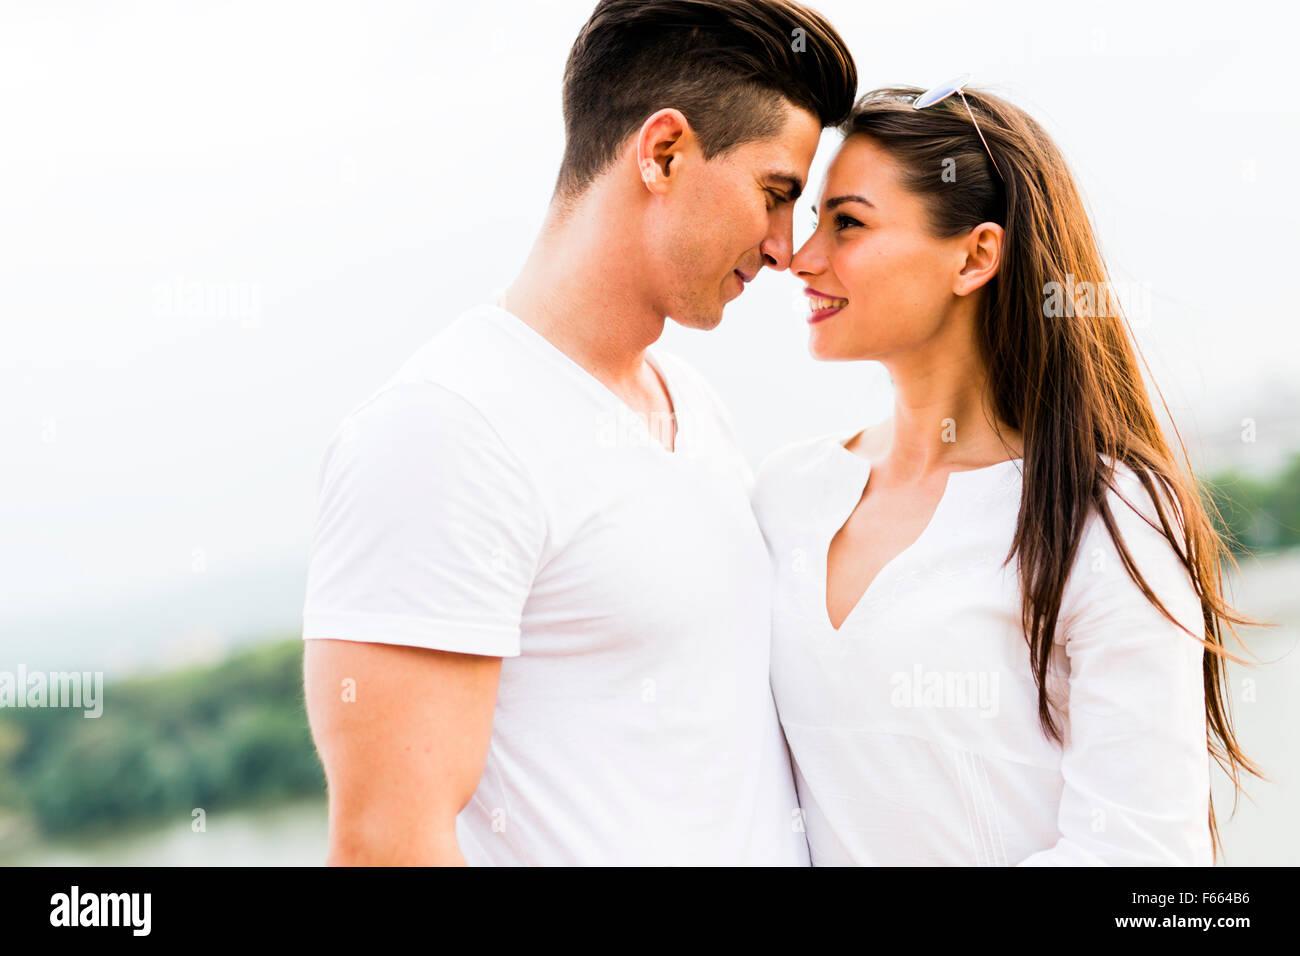 Hermosa joven pareja frotando la nariz como signo de amor y acerca a besan Imagen De Stock